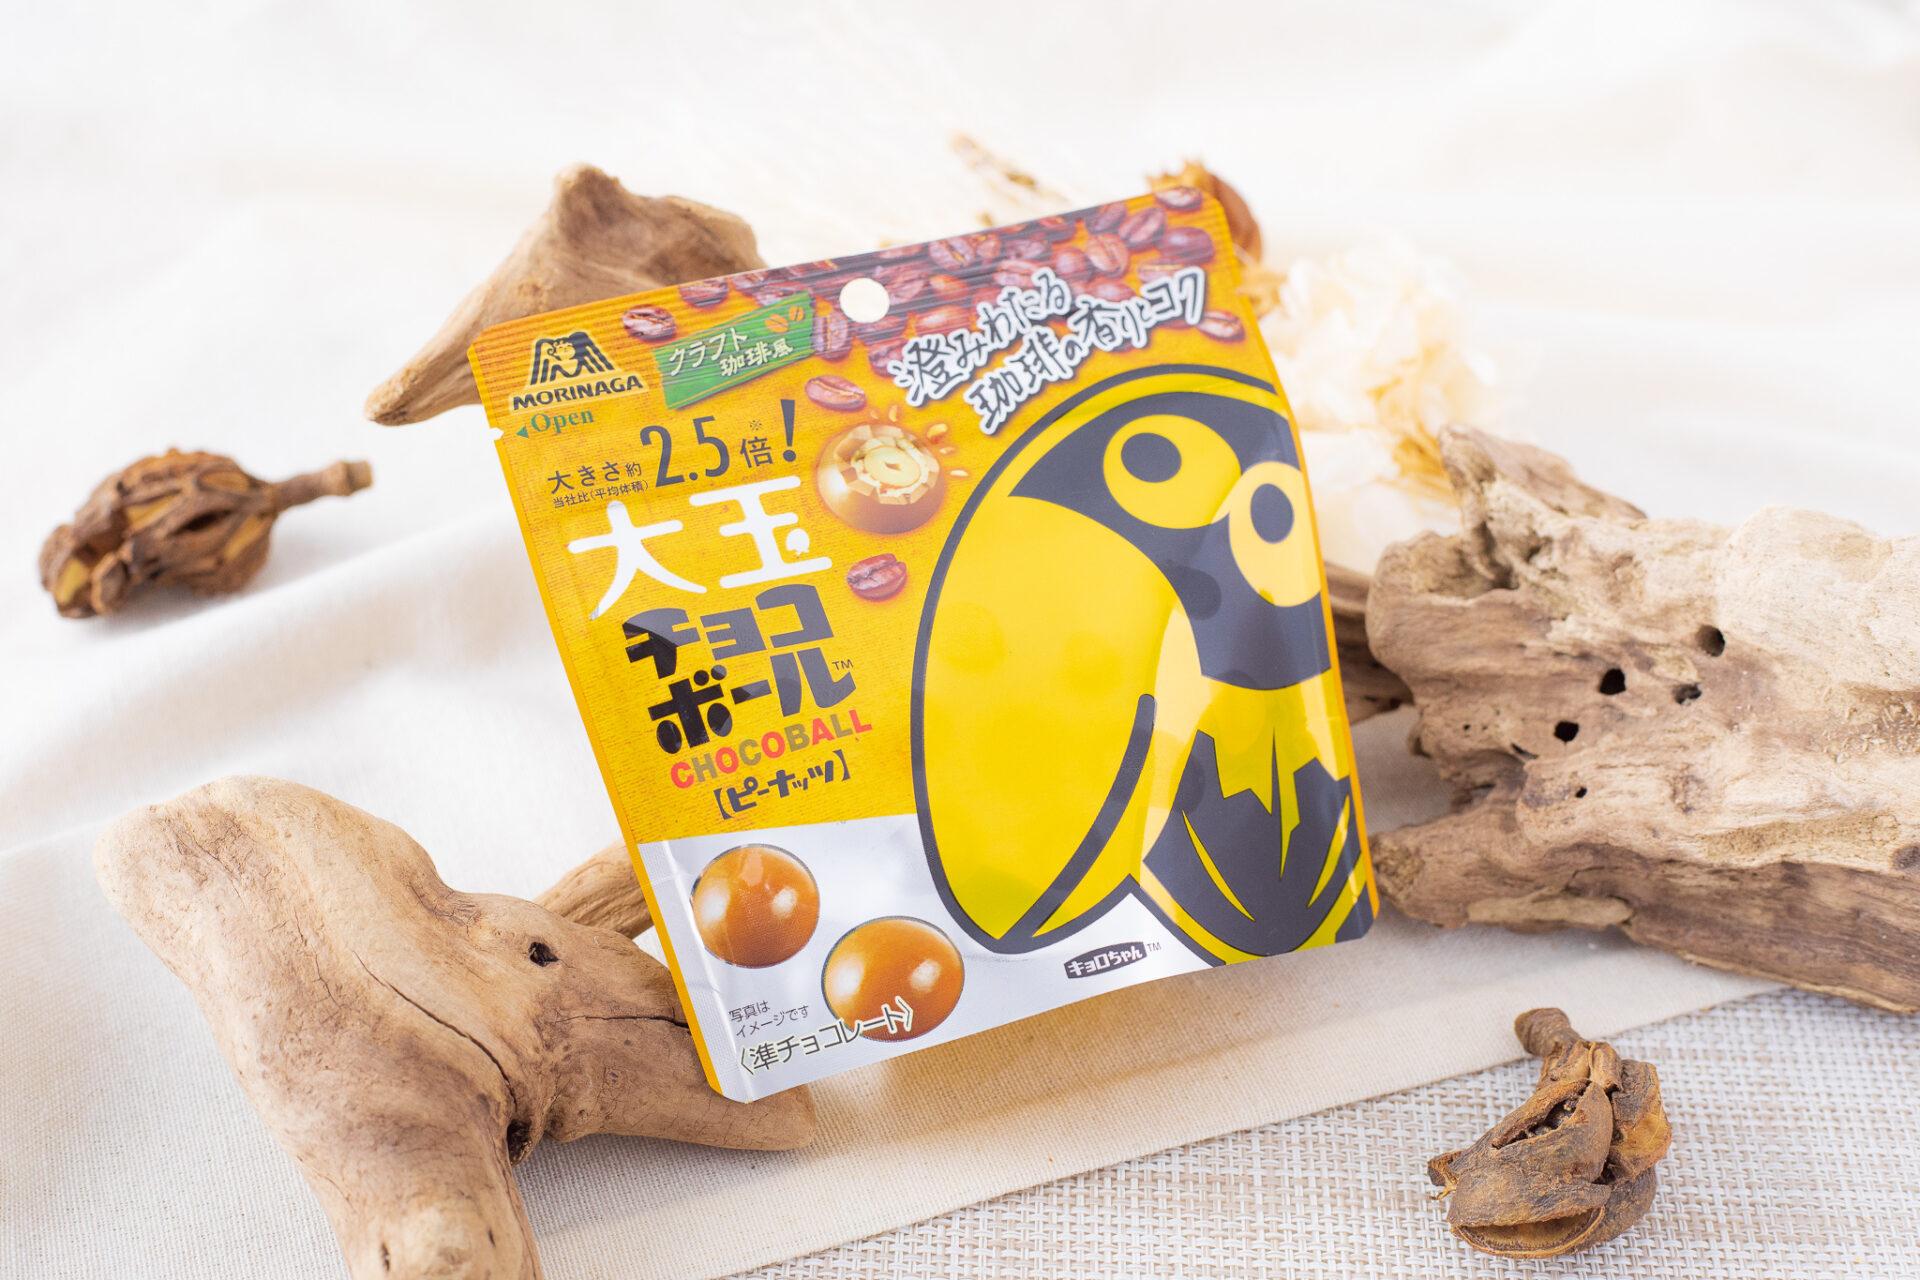 森永製菓『大玉チョコボール<ピーナッツ>クラフト珈琲風』